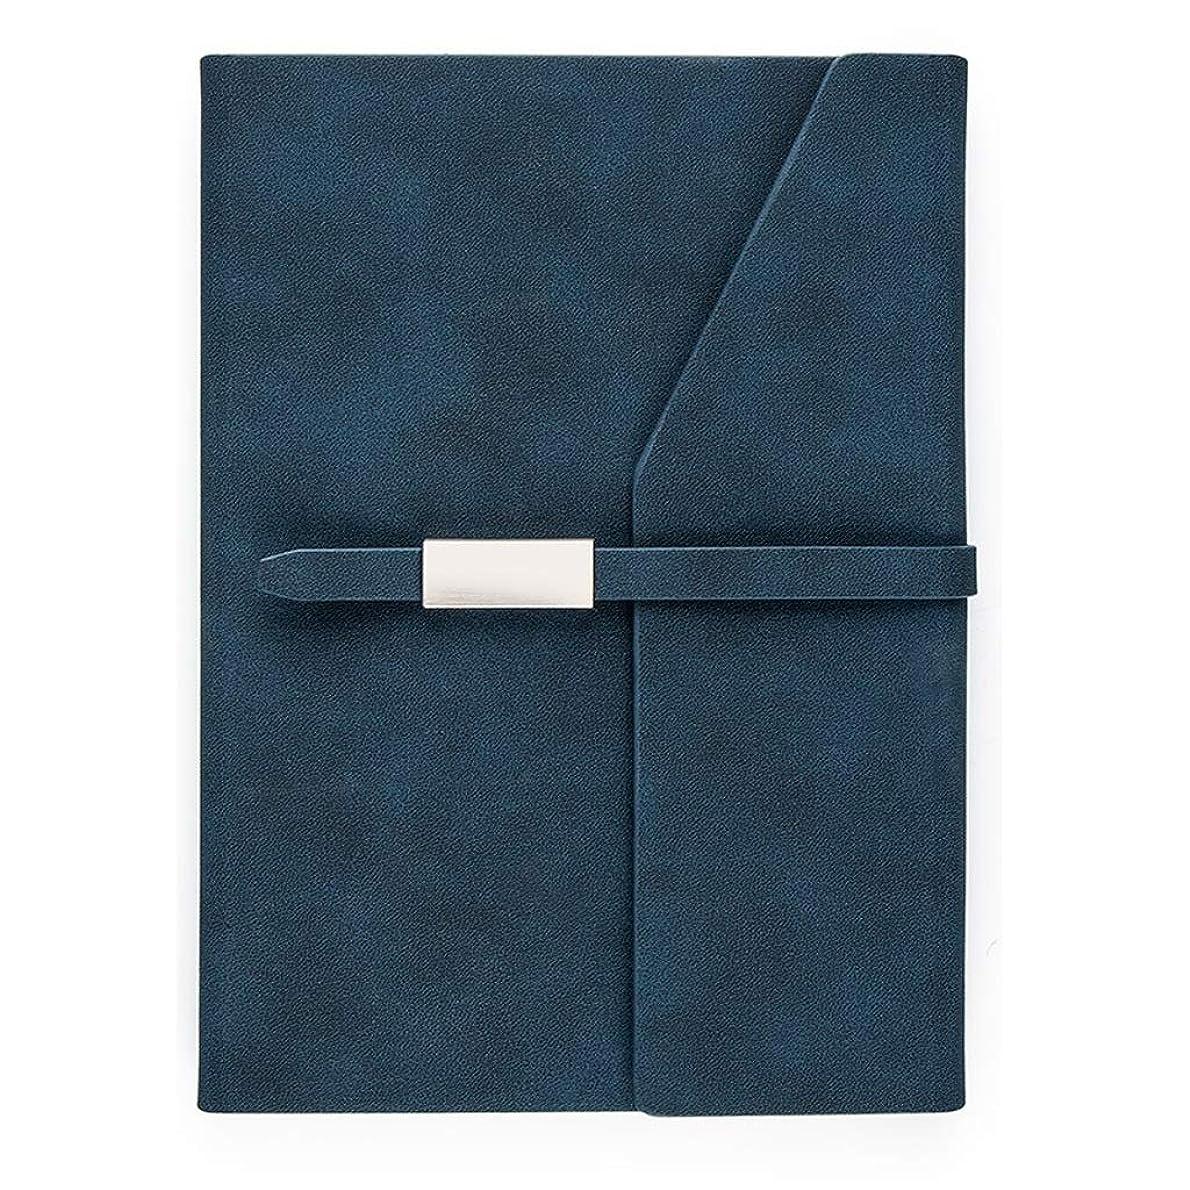 あえぎいつでもカビ厚手のノート A5バックルビジネスノートブックメモ帳作業オフィス記録帳ポータブル260ページを厚く ポータブル (Color : Blue, サイズ : 15.5*21cm)